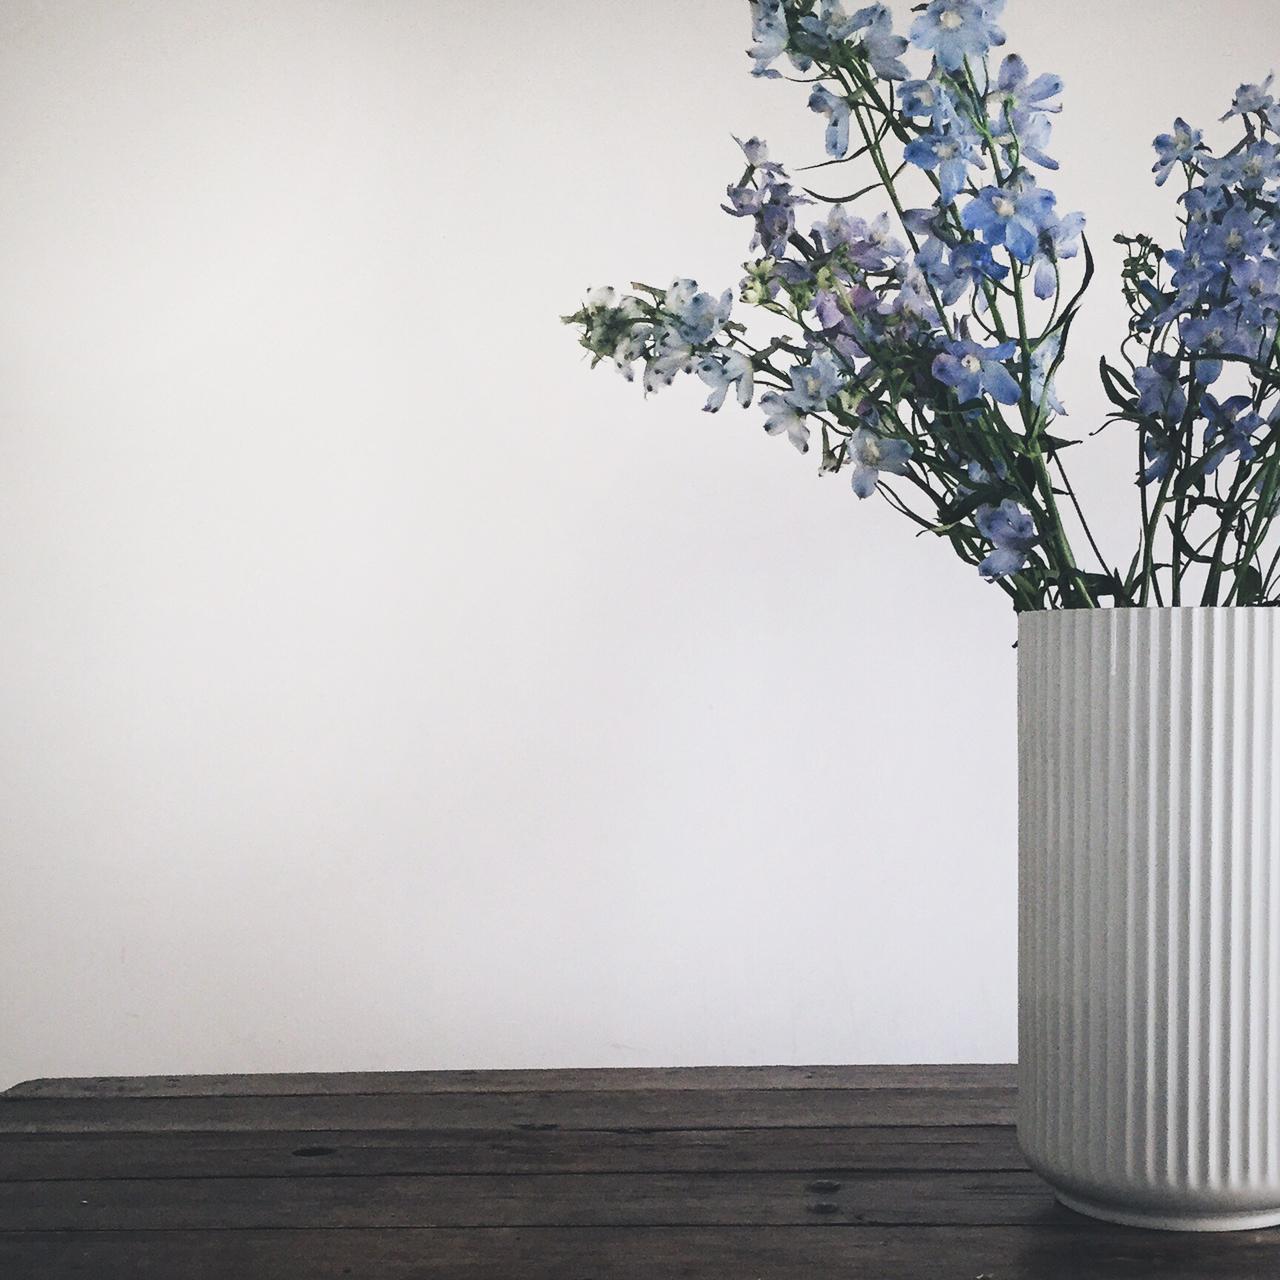 lyngbyporcelaen-lyngbyporcelain-lyngvase-lyngvasen-vase-buket-blomster-morsdag-danishdesign